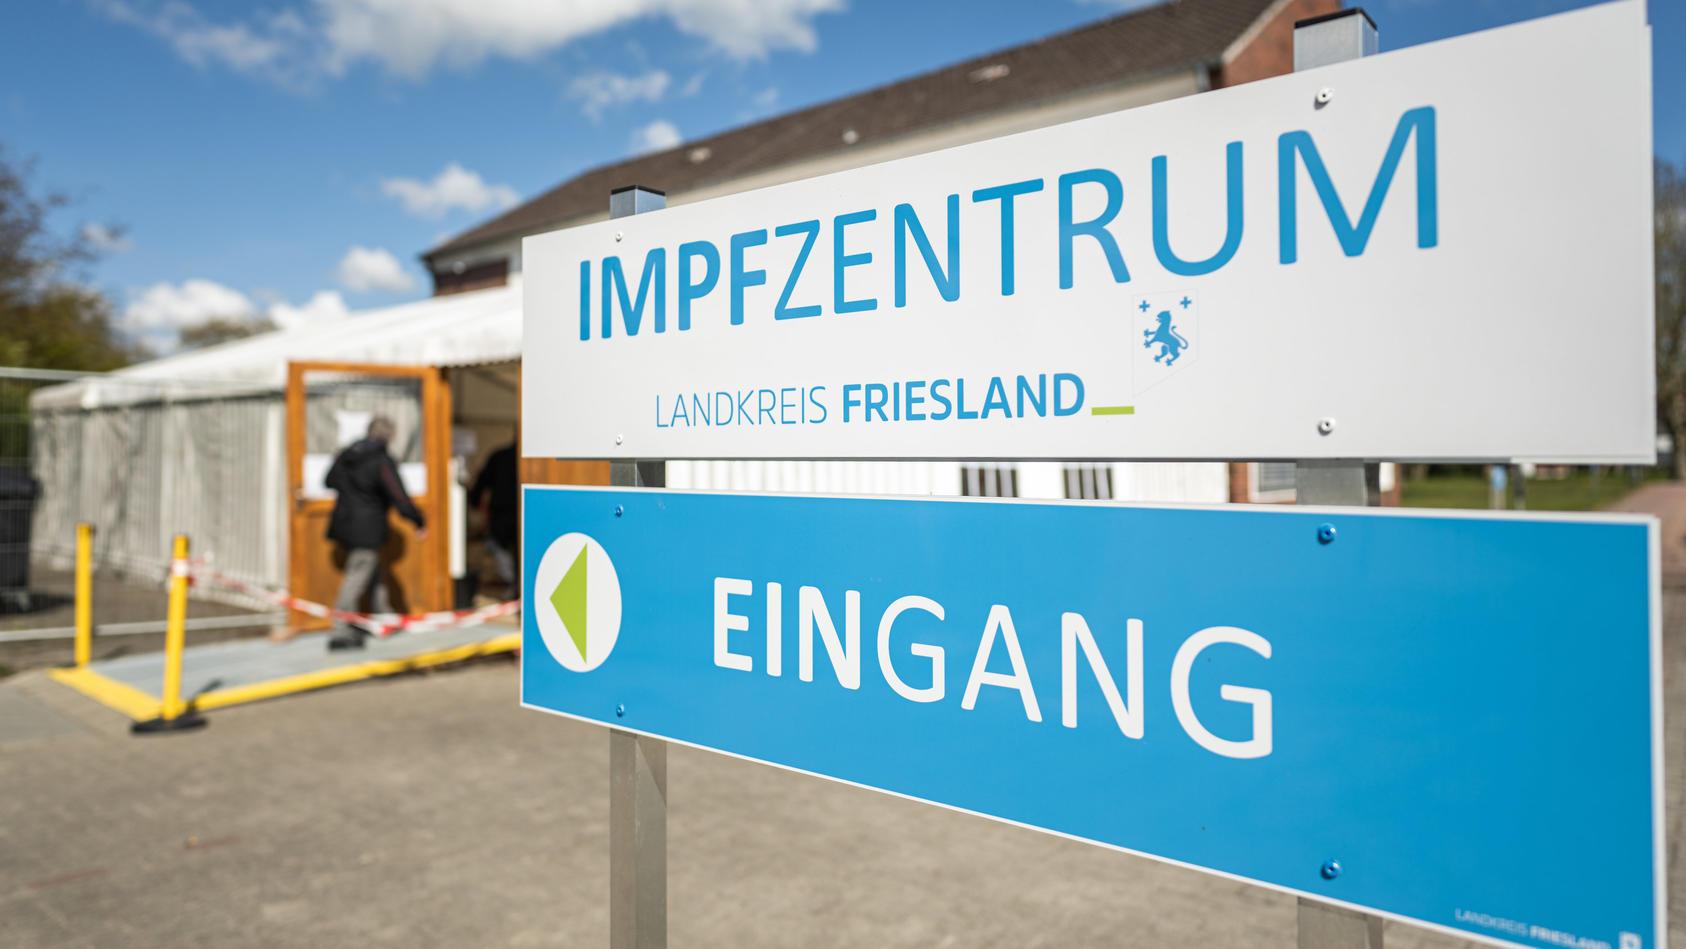 In einem Impfzentrum in Friesland bekamen einige Bürger Kochsalzlösung statt Corona-Impfstoff.